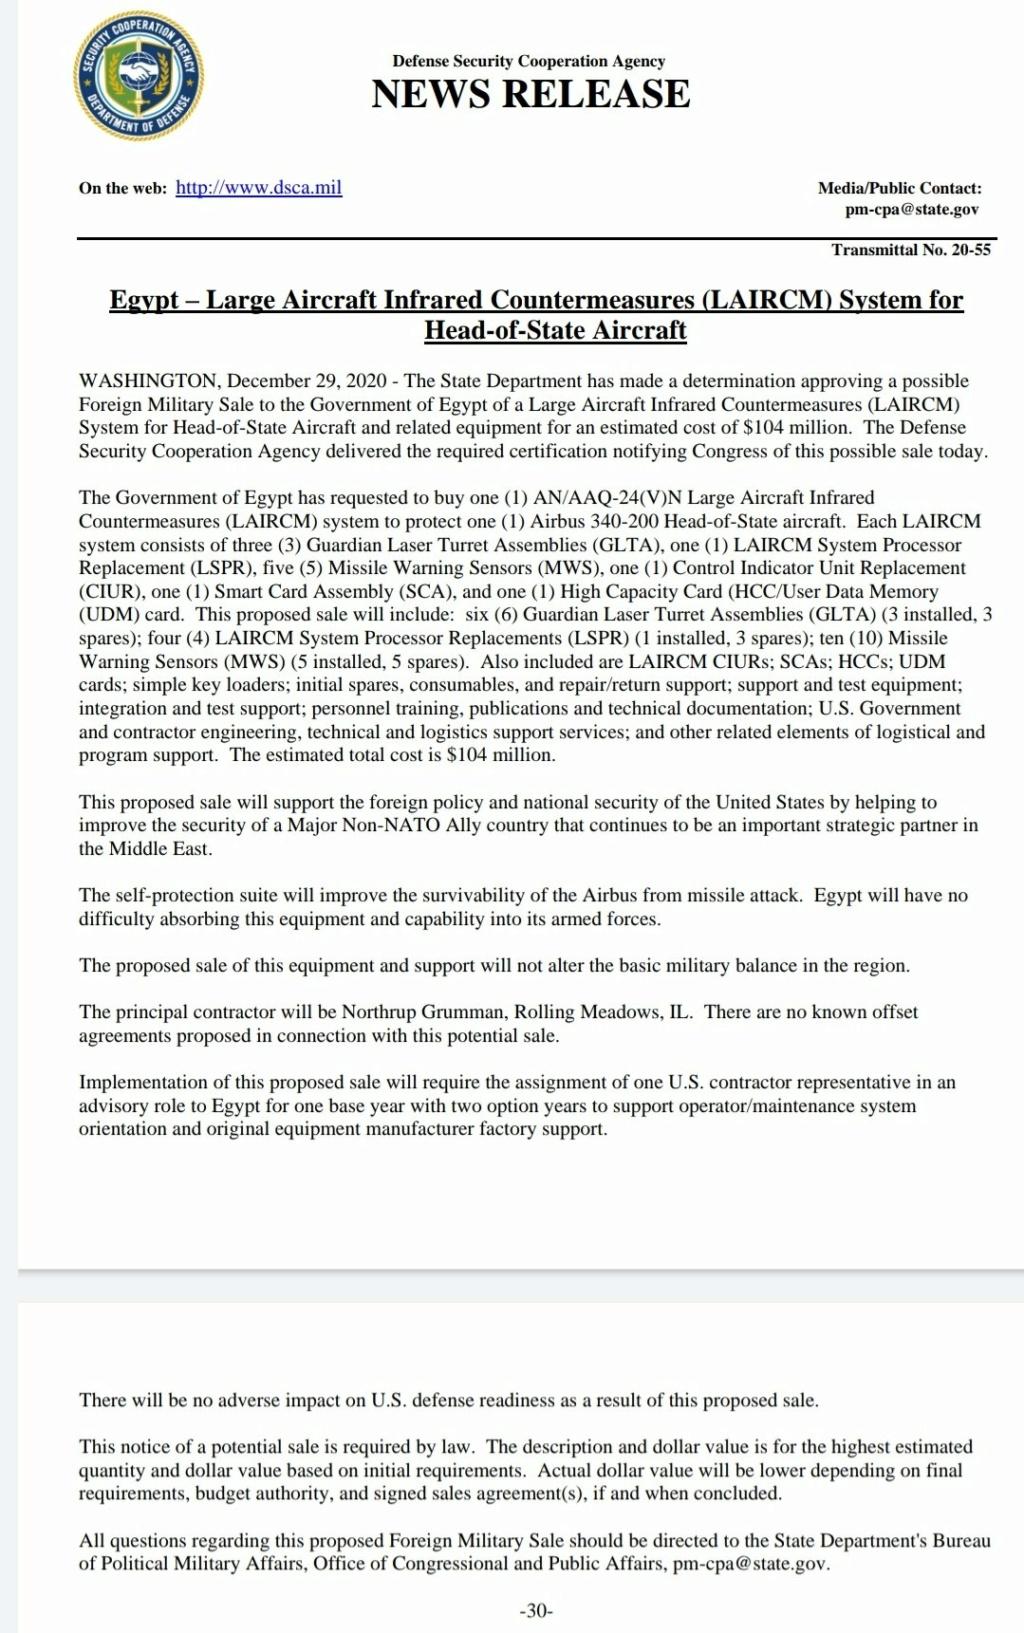 مصر ستحمي طائرة Airbus 340-200 رئاسية بنظام LAIRCM المضاد للأشعة تحت الحمراء الأمريكي  Eqb55e10